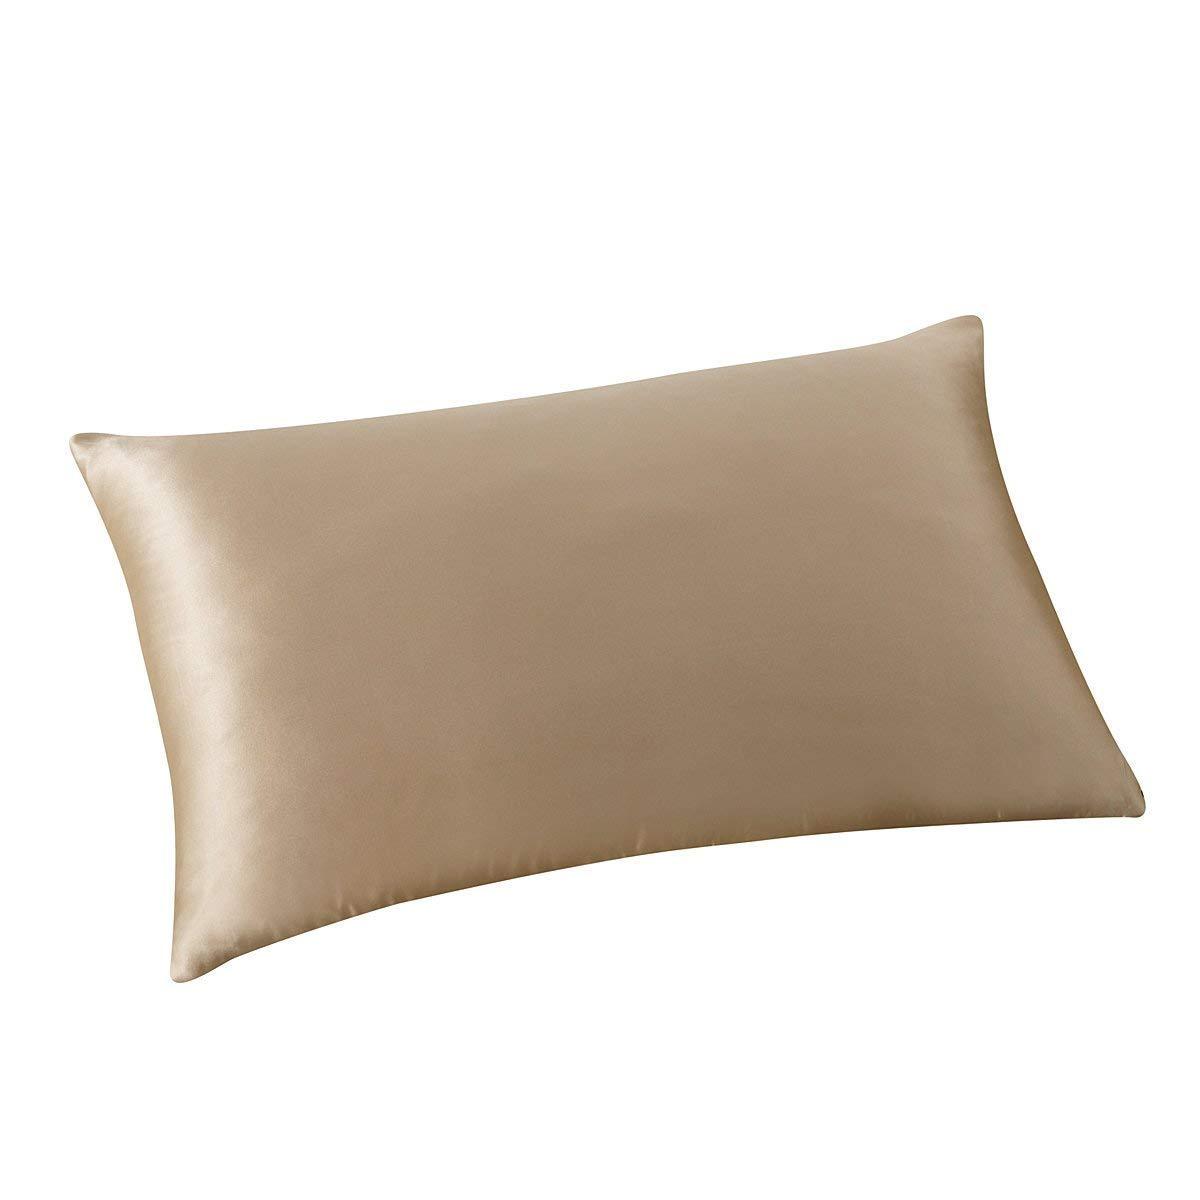 ALASKA BEAR - Natural Silk Pillowcase, Hypoallergenic, 19 Momme, 600 Thread Count 100 Percent Mulberry Silk, Queen Size with Hidden Zipper (1, Light Coffee)